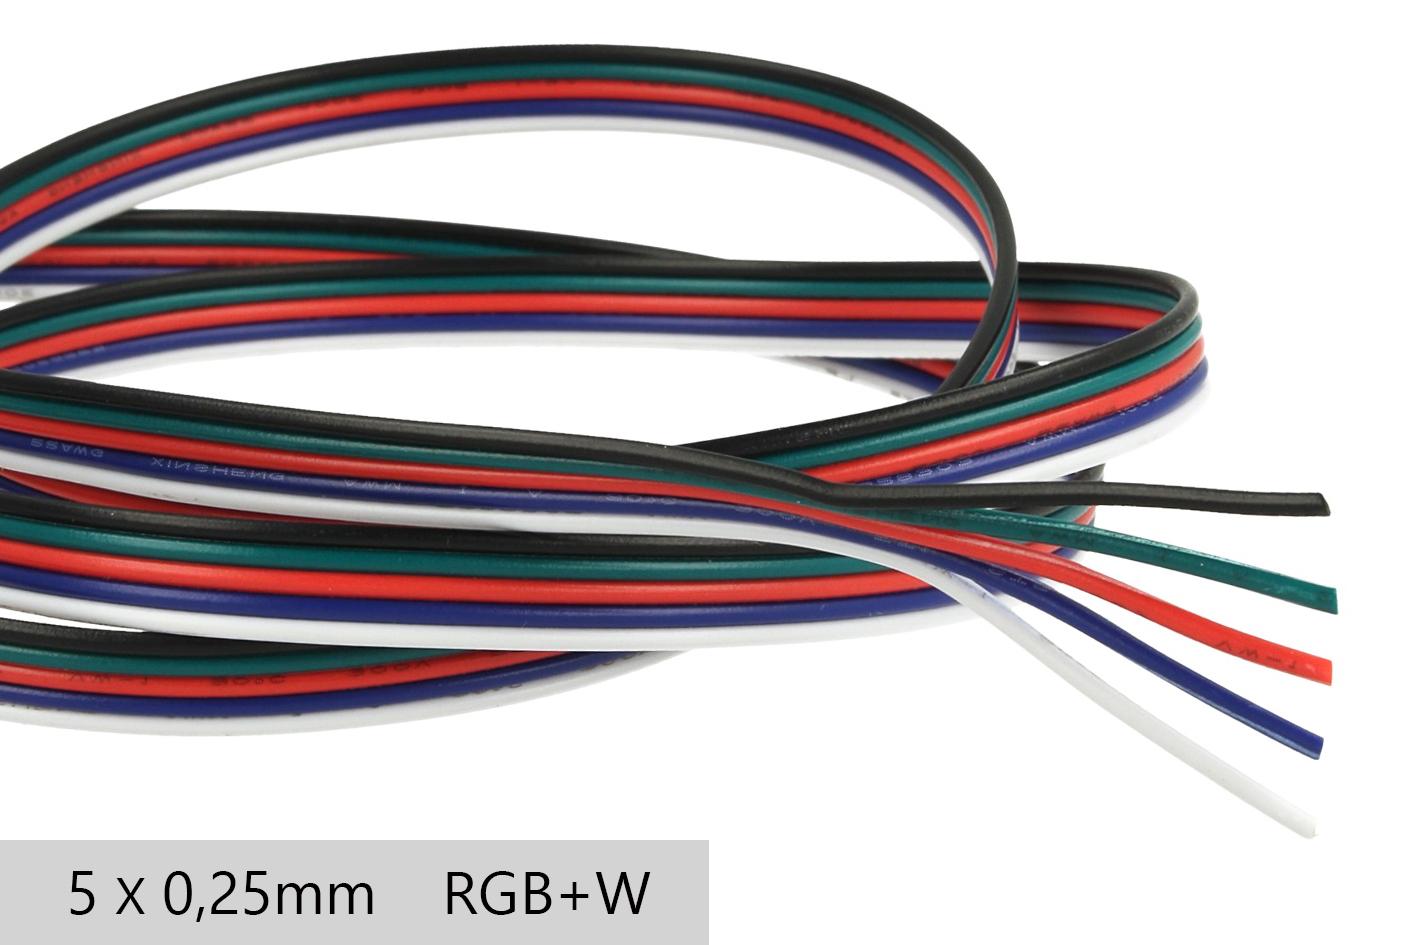 Cavo Filo Elettrico Penta Polare 5 X 0,25 mmq Per Striscia Led RGBW RGB+W 1 Metro - Metro